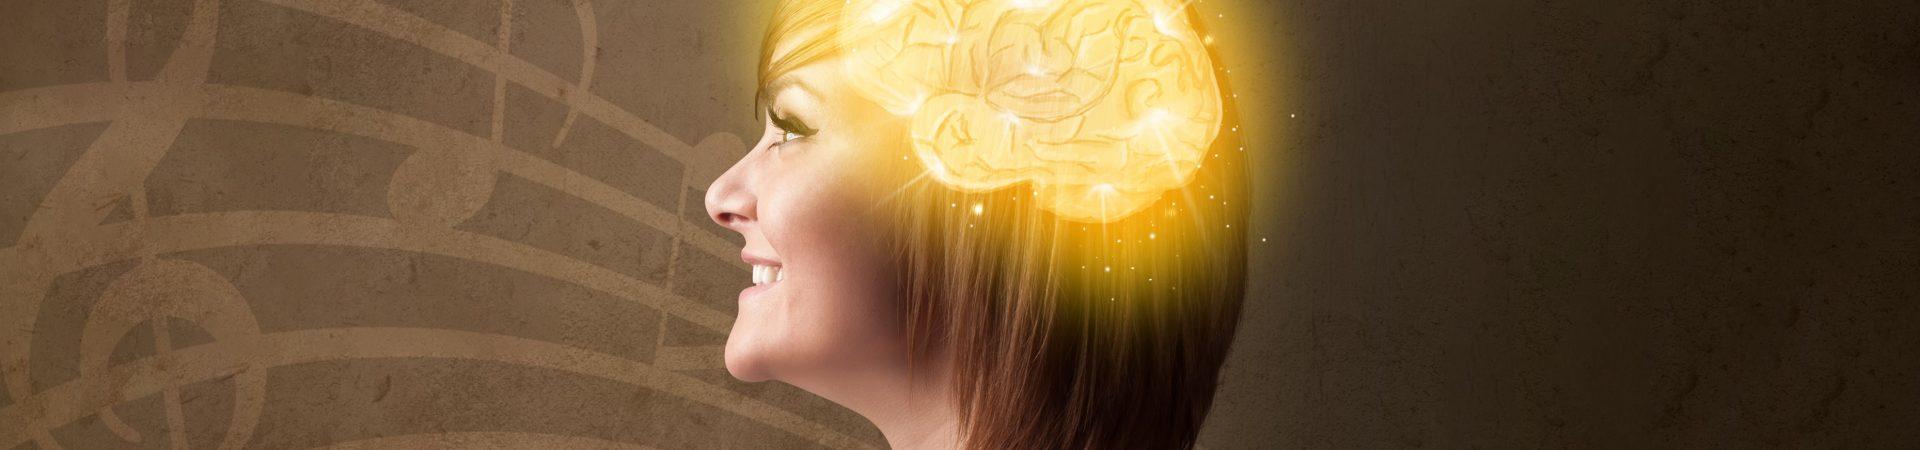 Vídeos ASMR: conheça essa novidade relaxante!